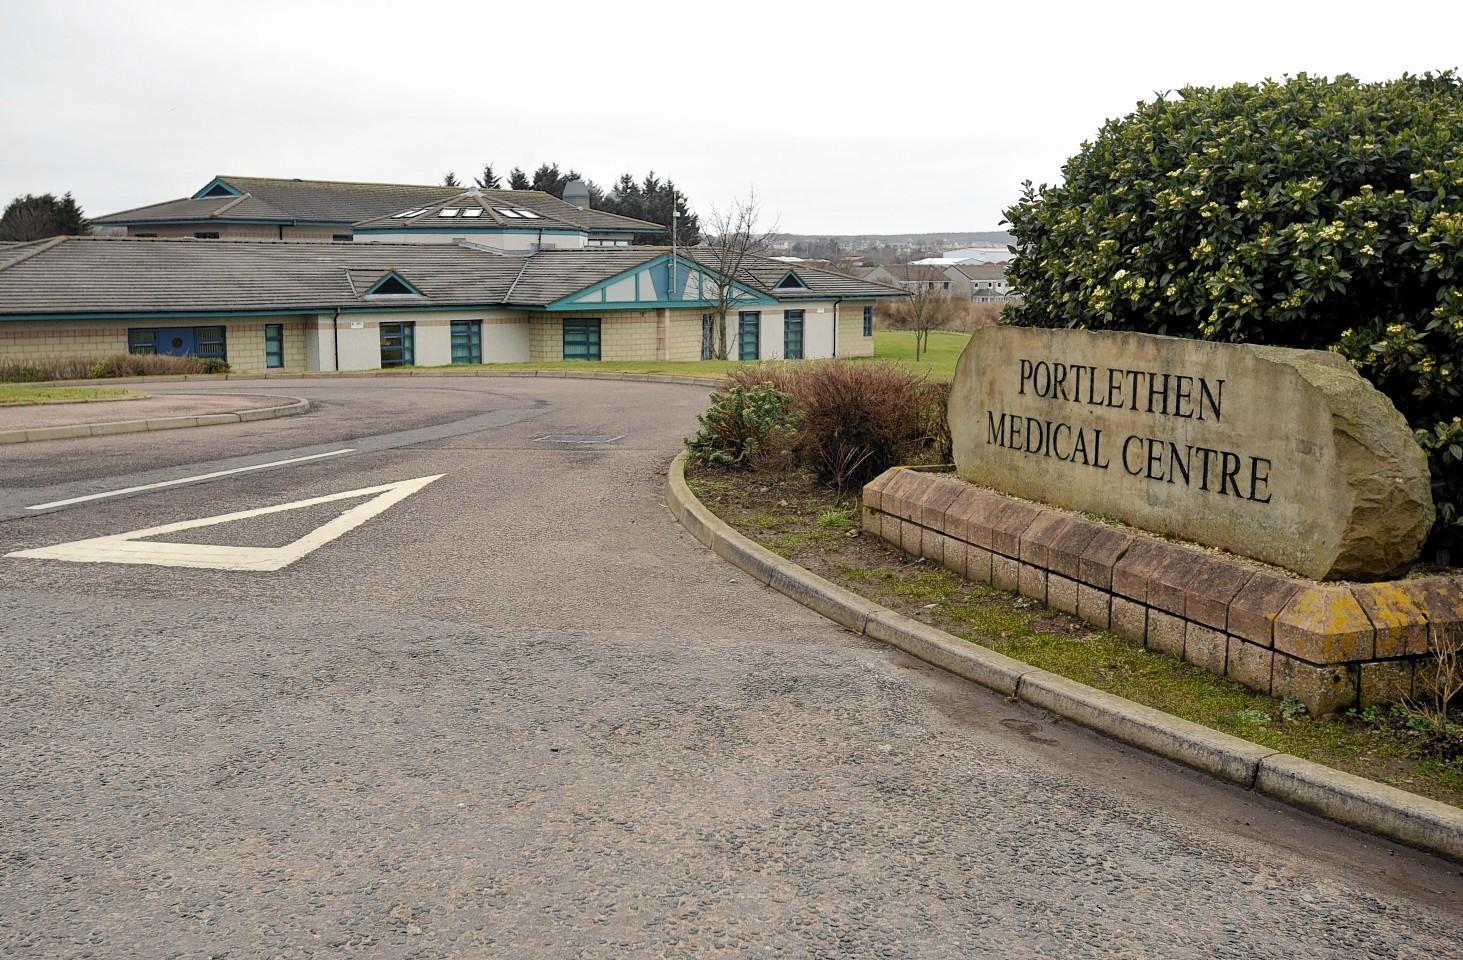 Portlethen Medical Practice